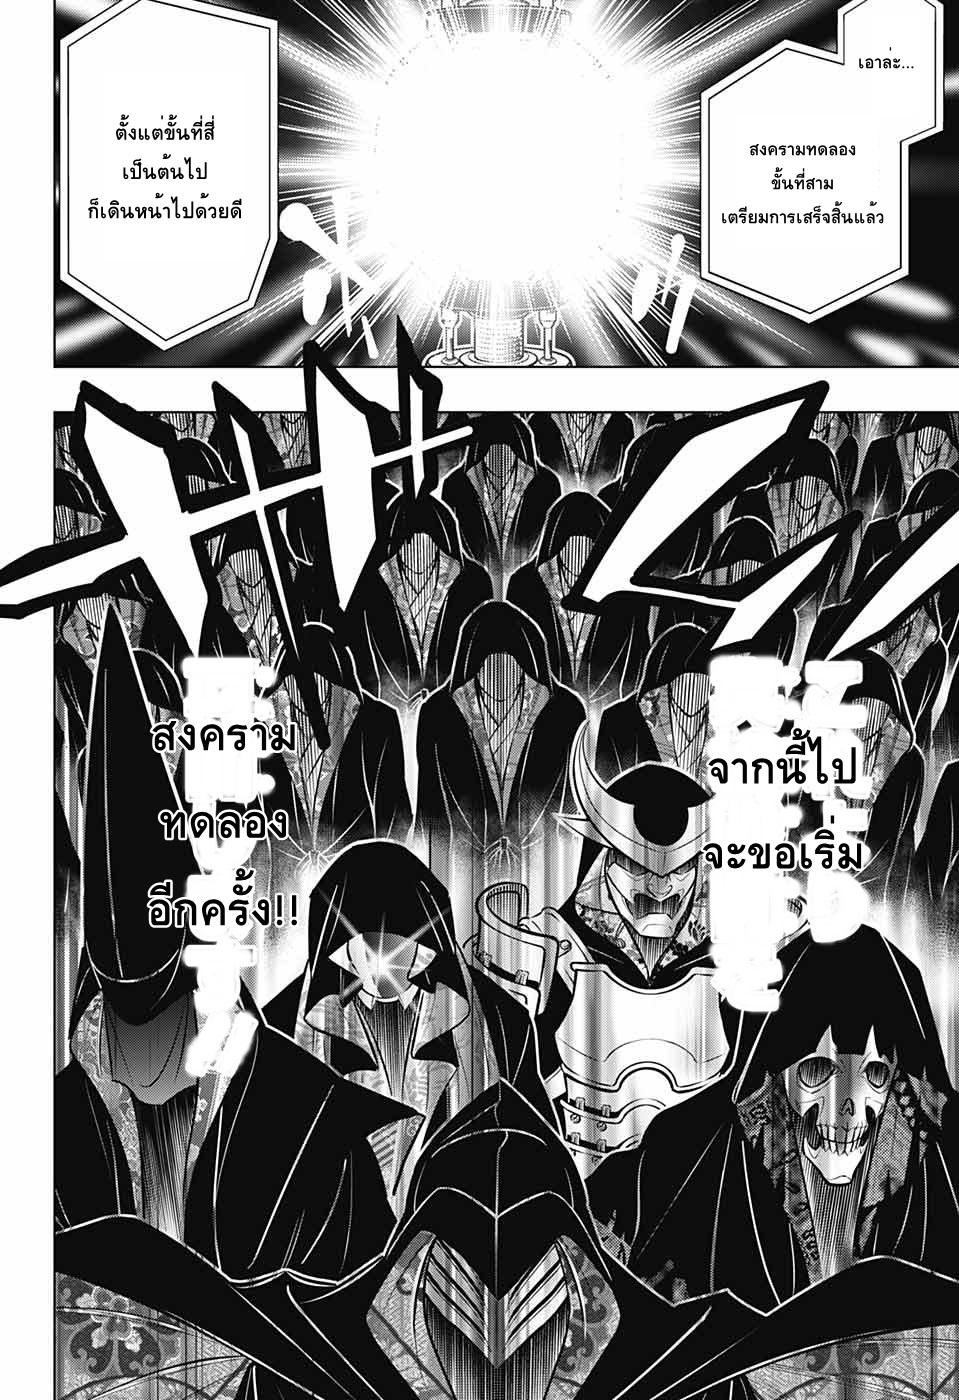 อ่านการ์ตูน Rurouni Kenshin: Hokkaido Arc ตอนที่ 15 หน้าที่ 7